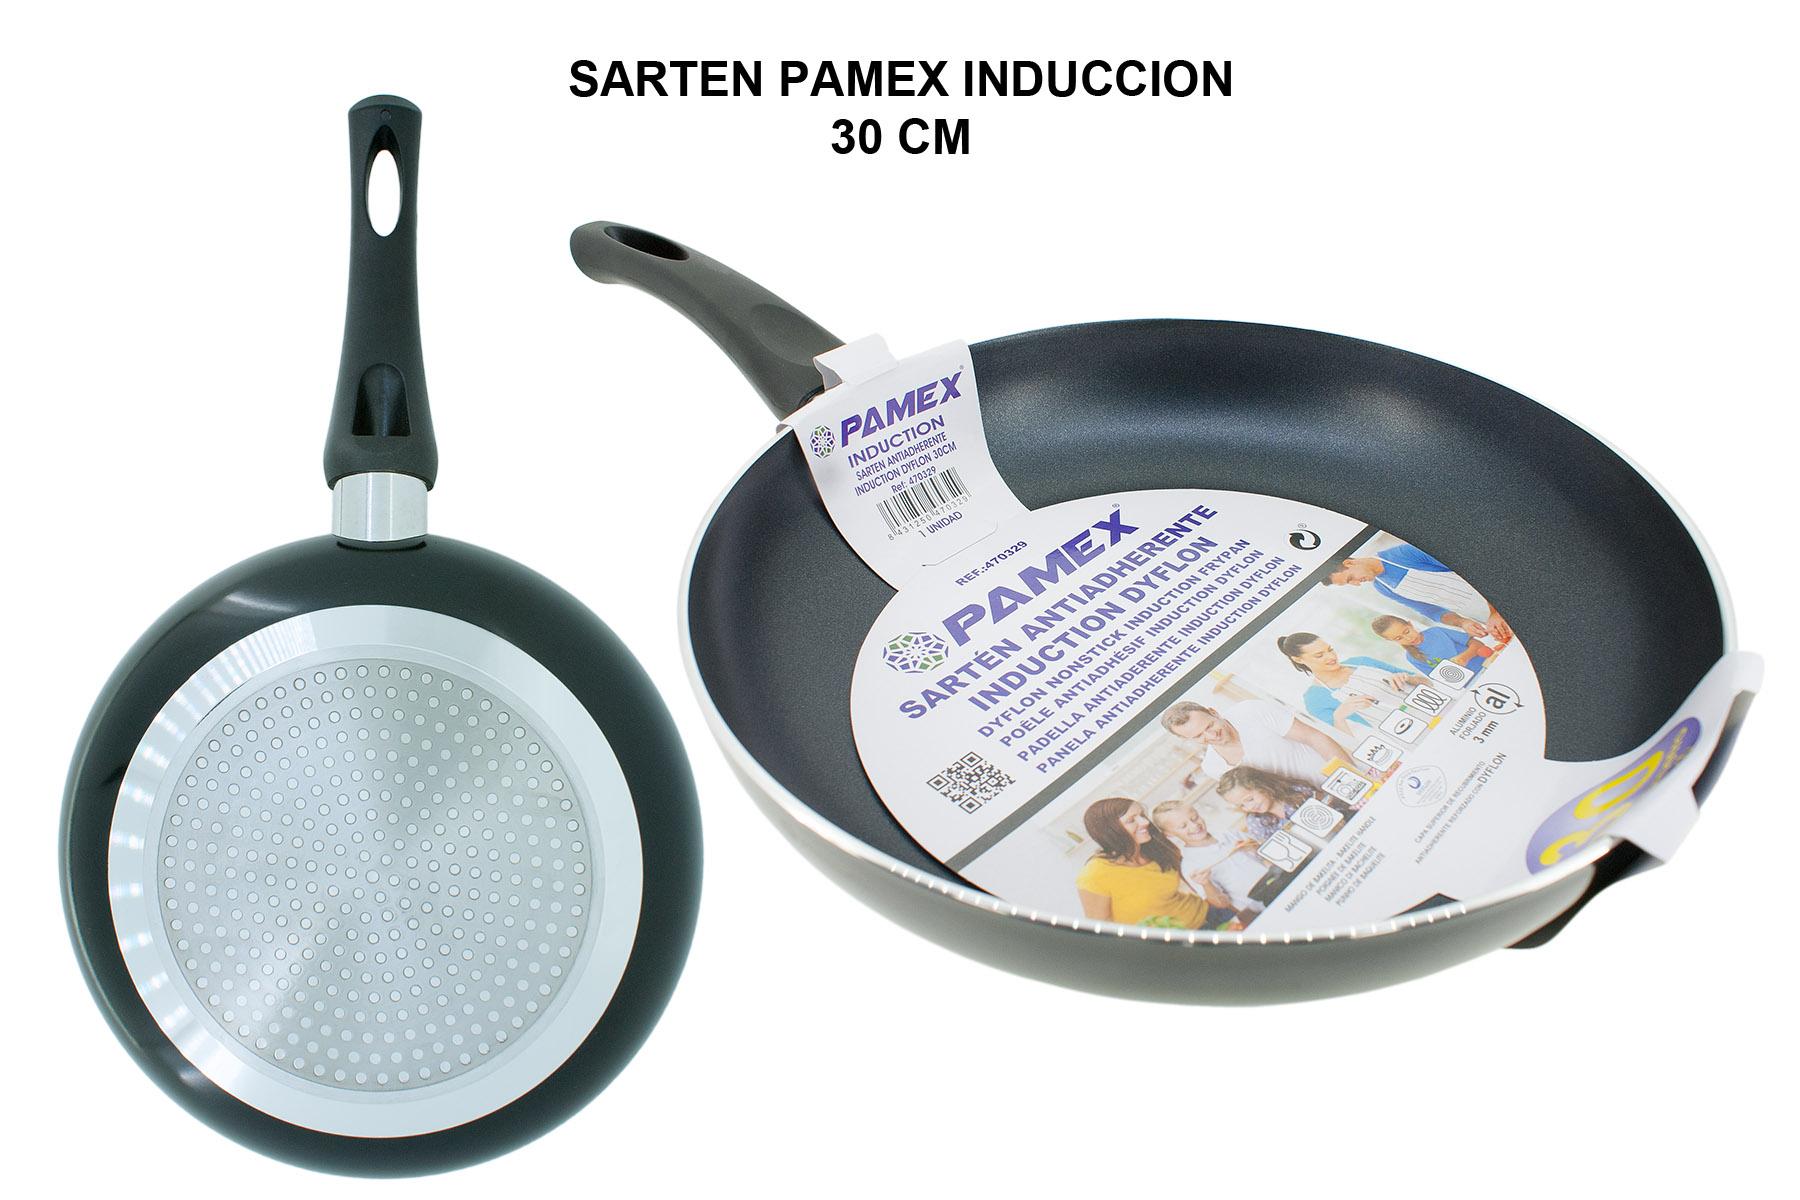 SARTEN PAMEX INDUCCION 30 CM